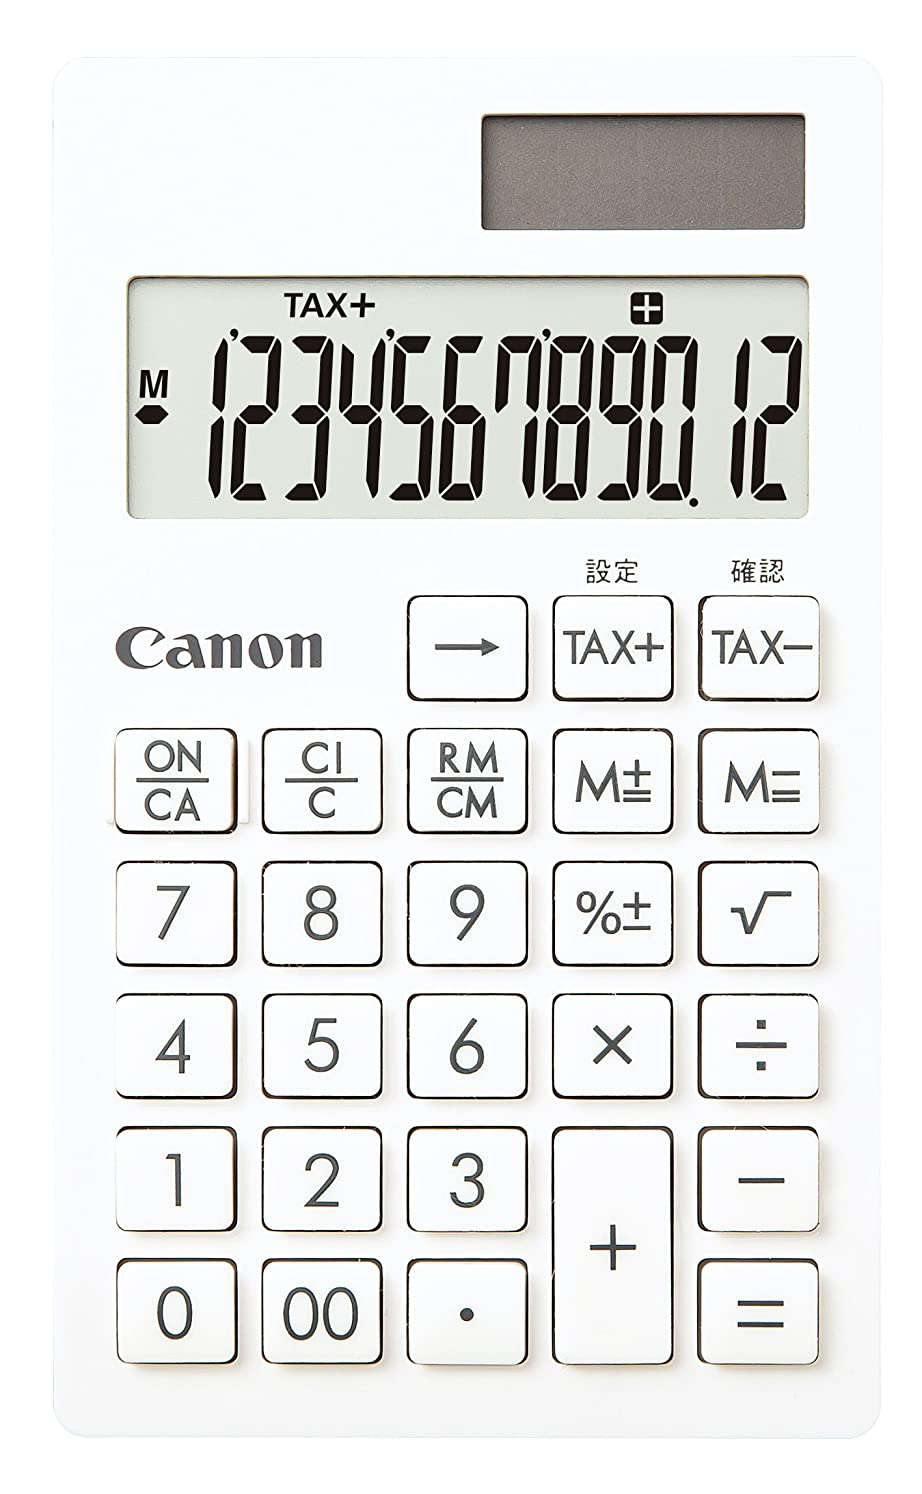 天気シーズン迷信ティーズファクトリー キャラ電卓 スヌーピー ハグ SN-5523262HG